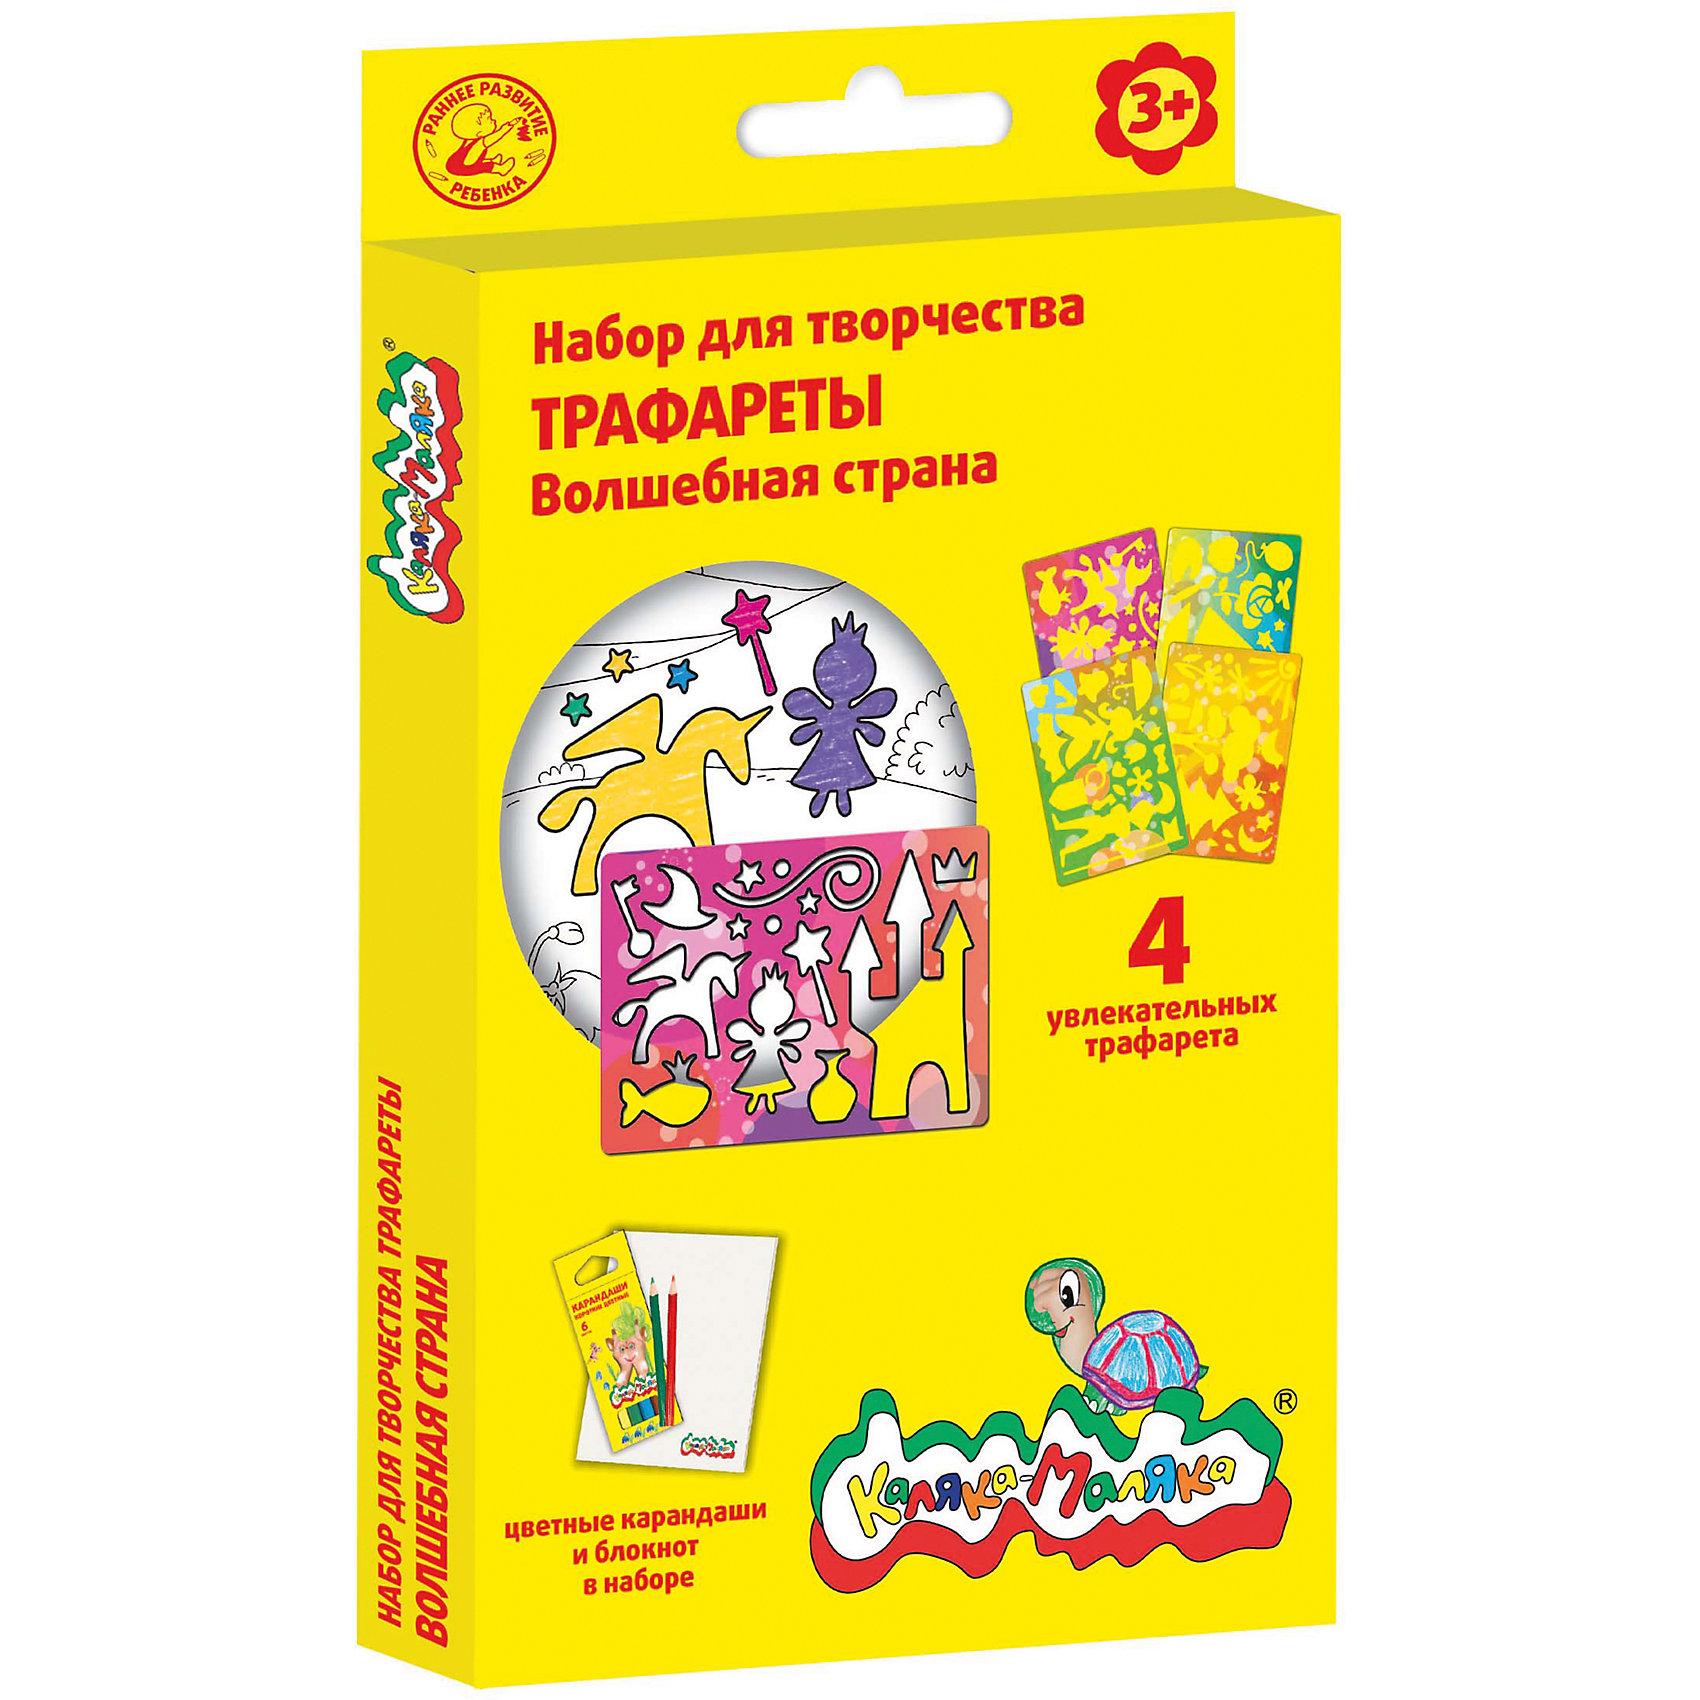 Набор для творчества Волшебная страна, Каляка-МалякаНабор для творчества<br>Трафареты с цветными карандашами и блокнотом для рисования Каляка-Маляка®!<br><br>Каляка-Маляка® разработала  трафареты для самых маленьких, с простыми утолщёнными контурами. <br>В набор входит все необходимое для занятий: цветные карандаши повышенной мягкости А5 (6 цветов), блокнот для рисования и 4 трафарета с разными по размеру персонажами и предметами. <br><br>• Малыш рисует свои первые фигурки и тренирует руку для самостоятельного изображения предметов.<br>• Развивает воображение и мелкую моторику –  фигурки можно раскрасить, по собственному желанию создать сюжет. <br>• Прекрасный творческий набор для занятий дома и в дороге.<br><br>Ширина мм: 155<br>Глубина мм: 225<br>Высота мм: 200<br>Вес г: 150<br>Возраст от месяцев: 36<br>Возраст до месяцев: 84<br>Пол: Унисекс<br>Возраст: Детский<br>SKU: 5562961